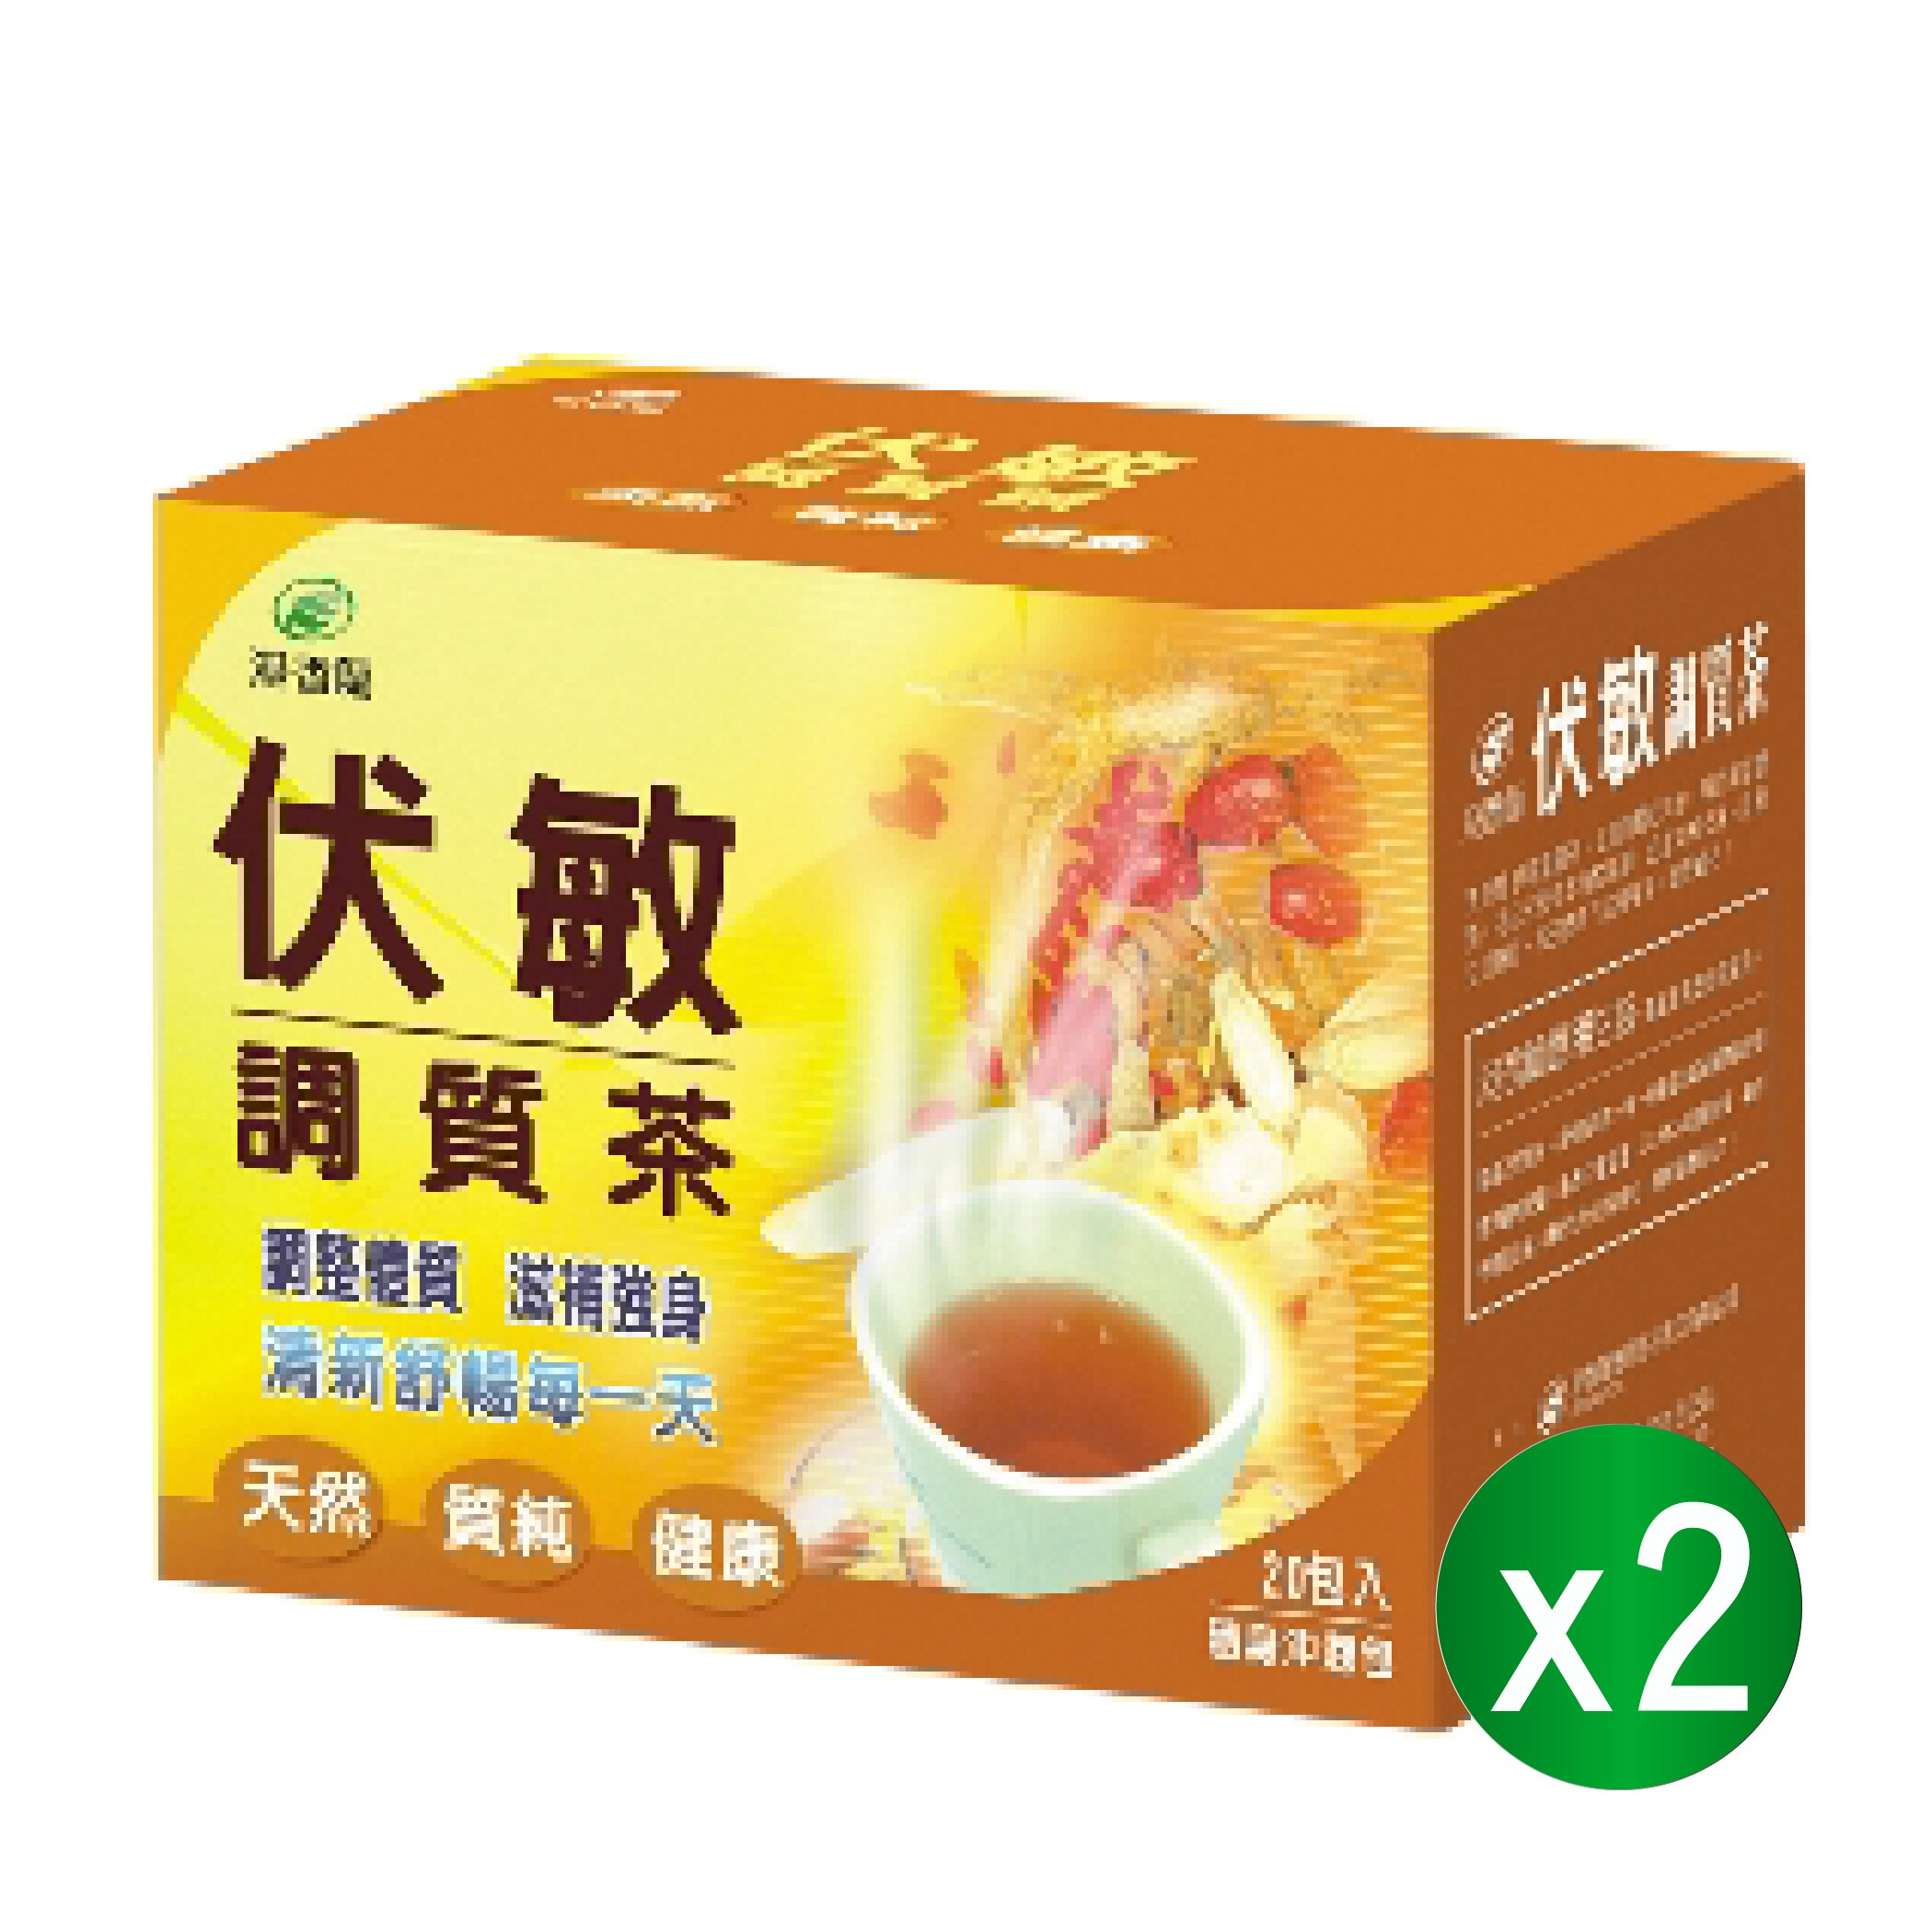 ▼港香蘭 伏敏調質茶 2盒組 (6g×20包x2盒) 實體店面 康富久久